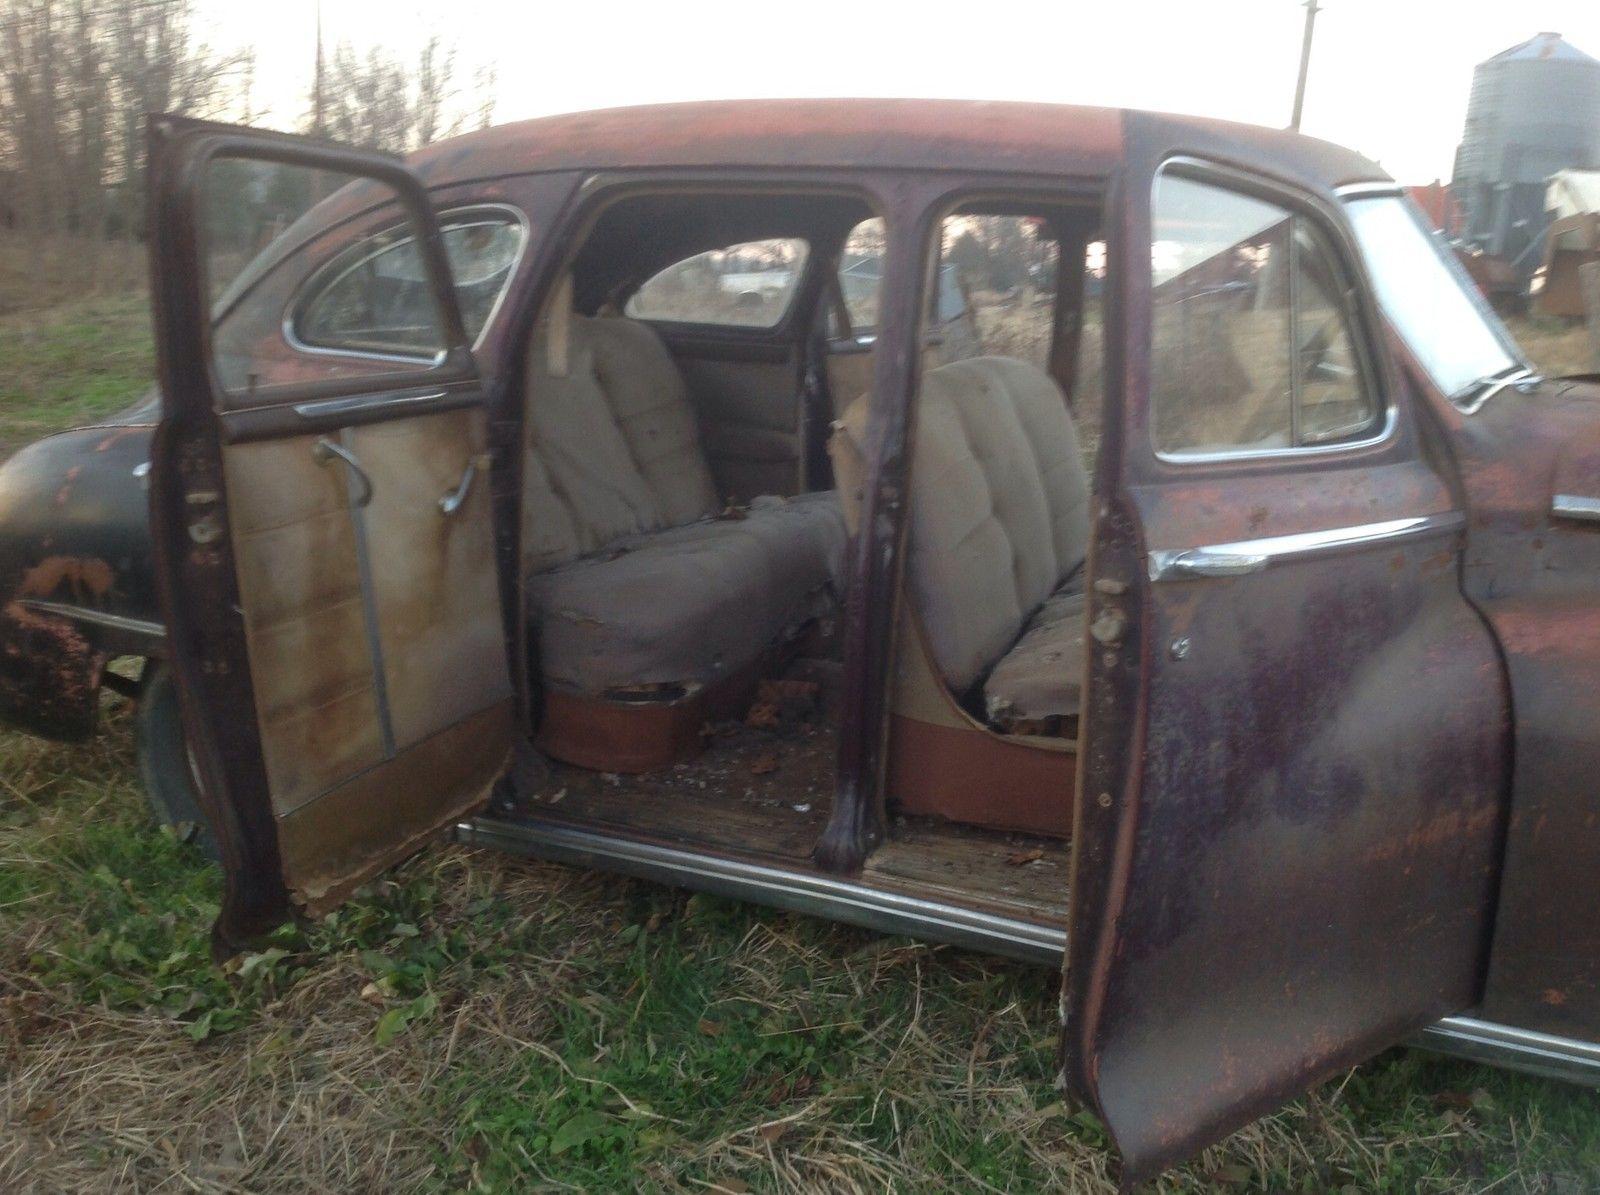 Unrestored 1948 Classic Dodge Deluxe 4 Door Fluid Drive